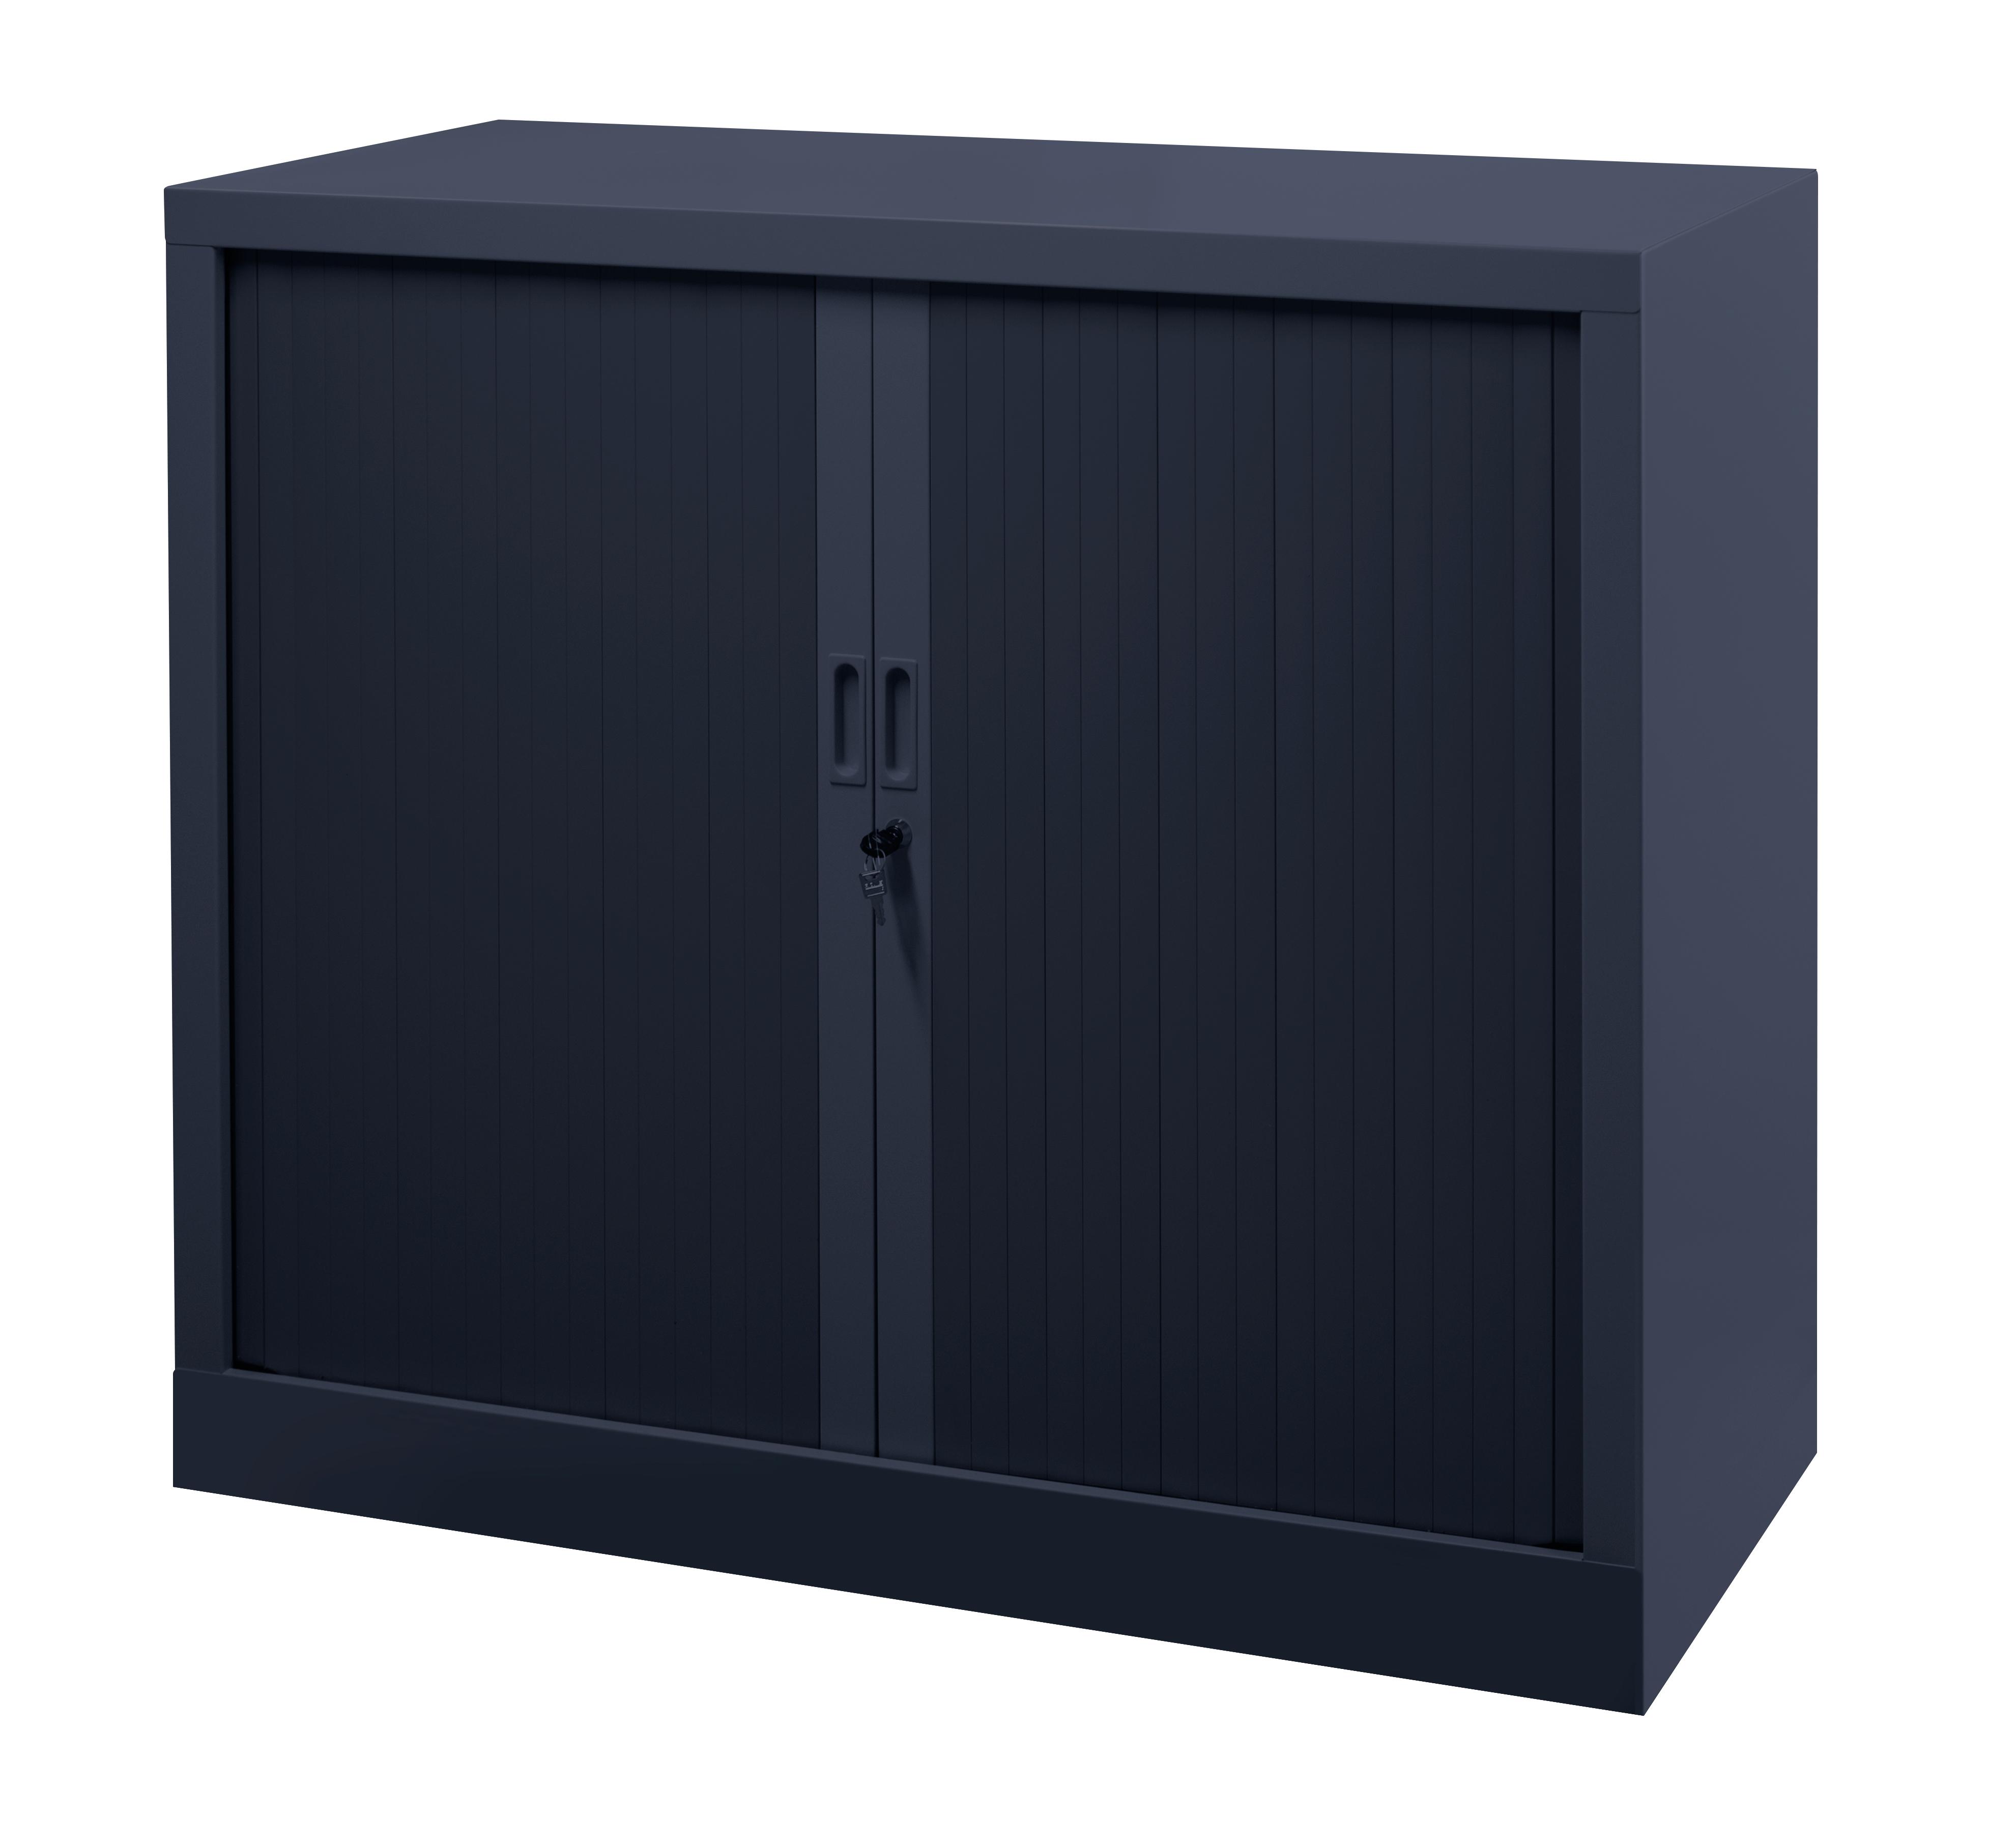 armoire metallique gris anthracite